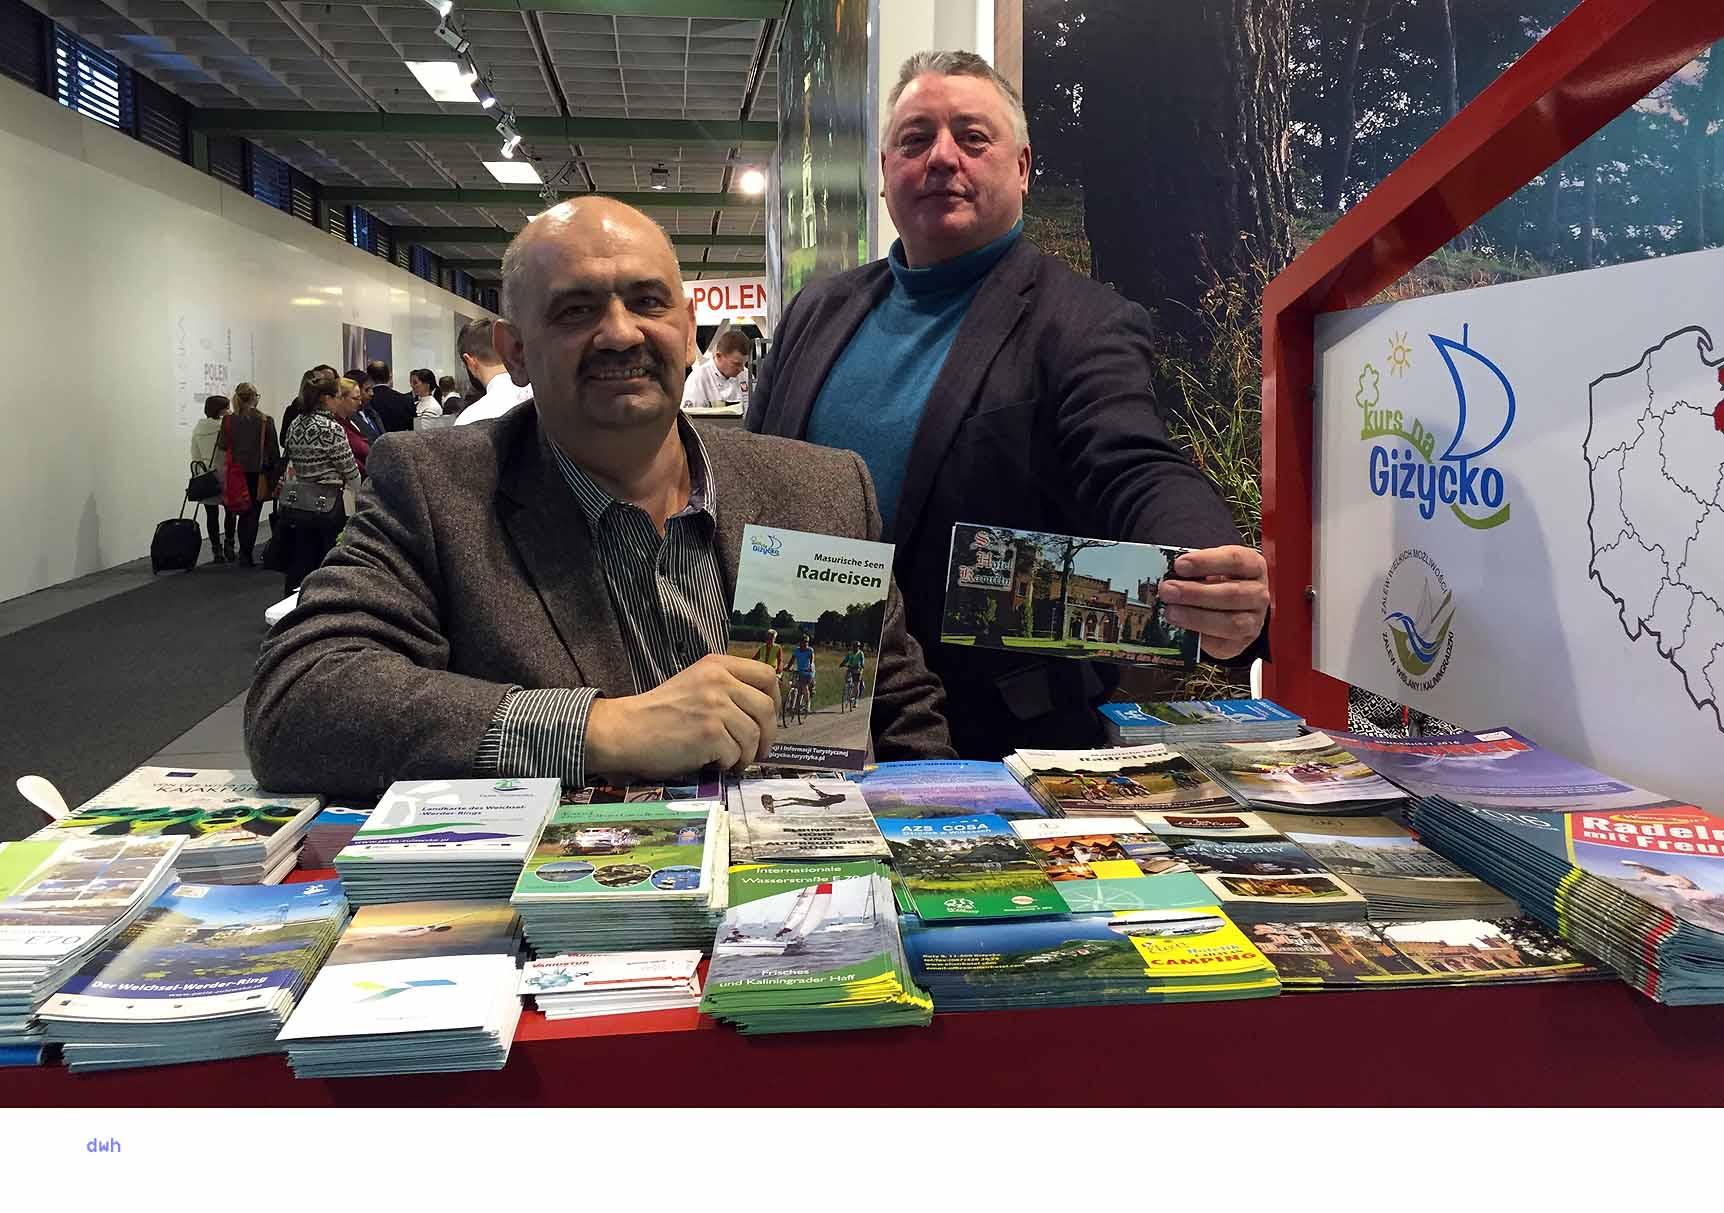 Dr. Robert Kempa und Uwe Döcke präsentieren Radwandern, Hausboote und das Hotel Karnity in Gizyckoi (Lötzen)